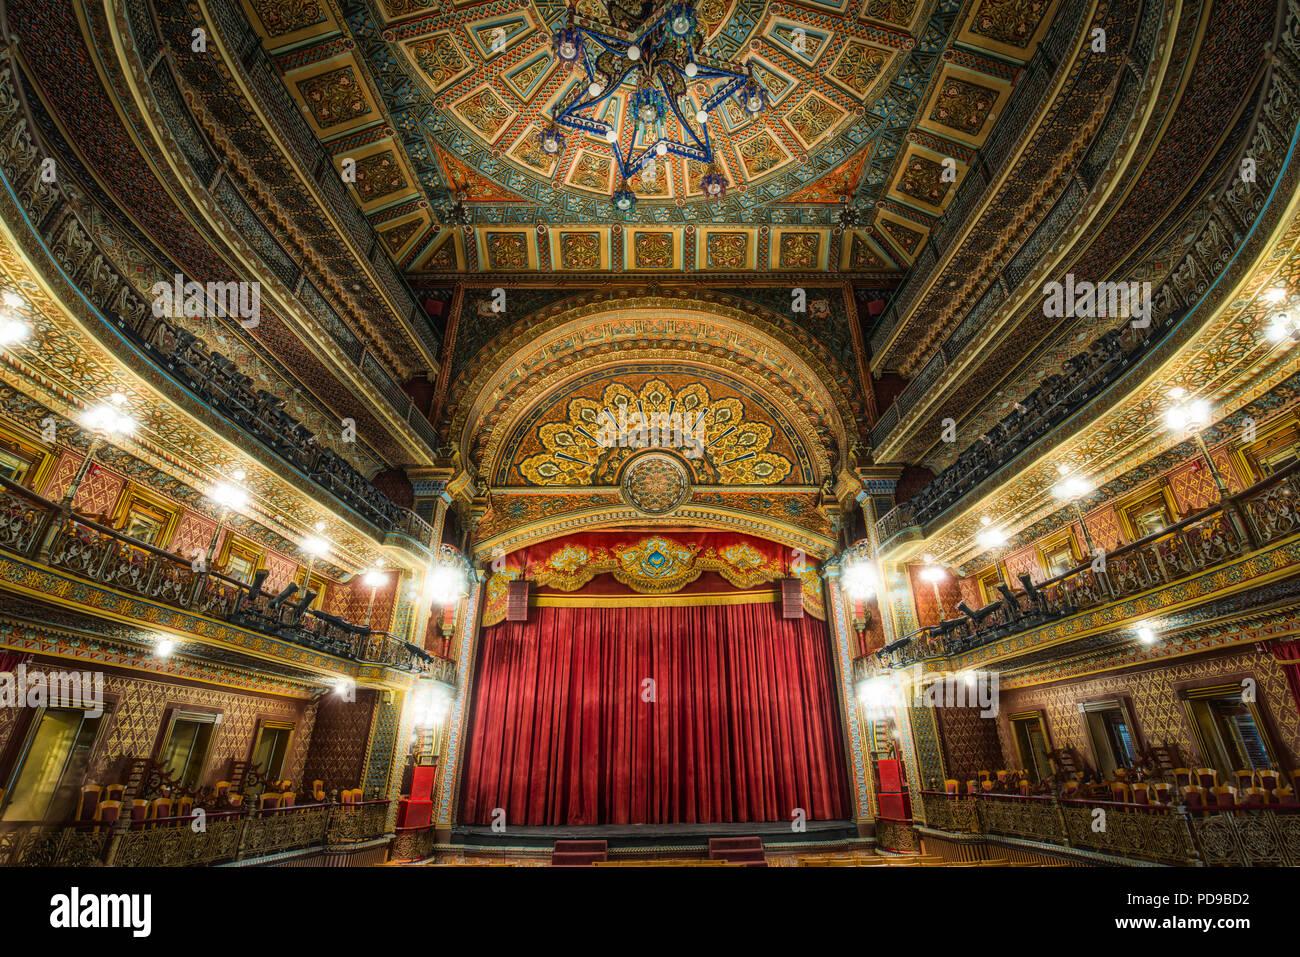 Interior of the historic Juarez Theater in Guanajuato, Mexico. - Stock Image